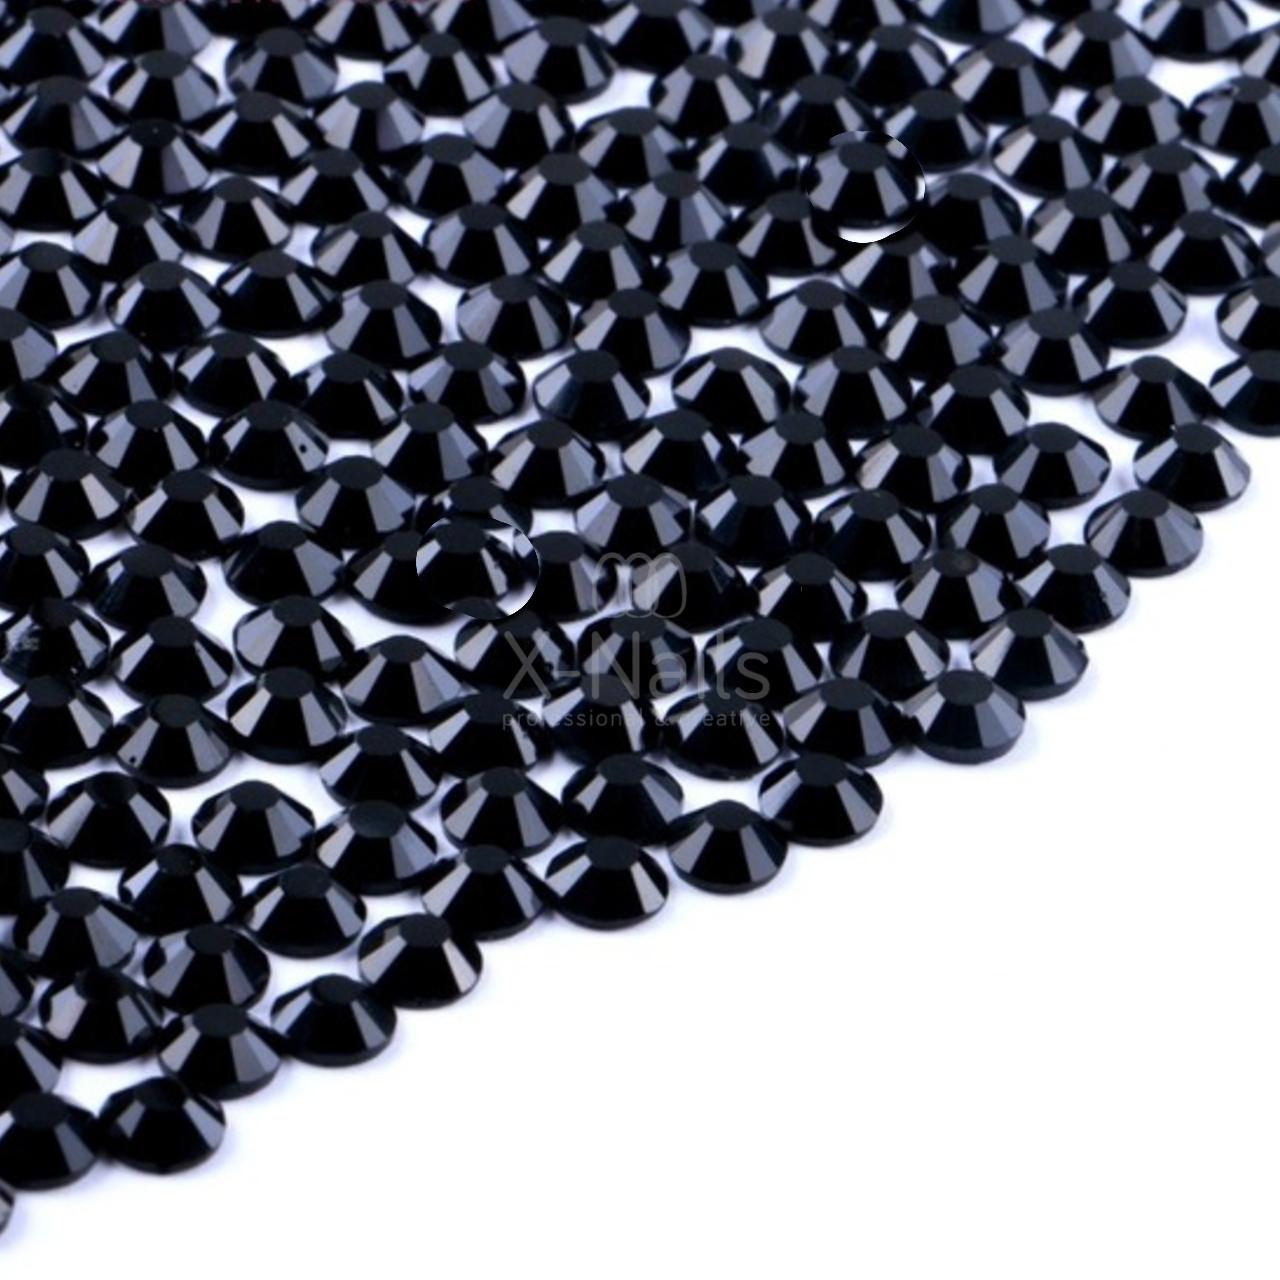 Brousene Kaminky Na Nehty Ss6 2 Mm Se Swarovski Efektem 50 Ks Jet Black X Nails Gelove Akrylove Nehty